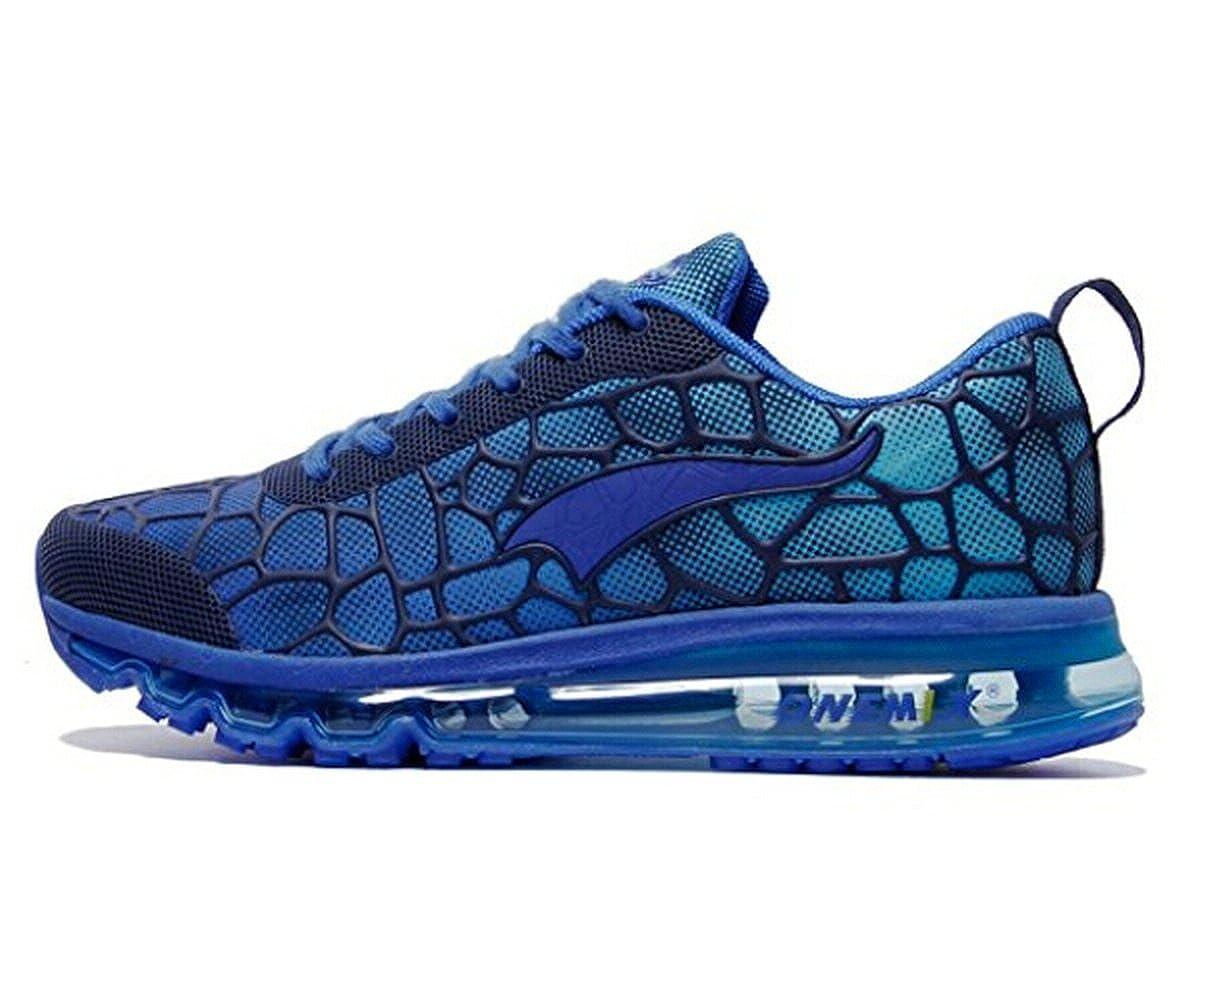 uk availability 54622 55b5f ONEMIX Air Uomo Scarpe da Ginnastica Corsa Sportive Running Sneakers  Fitness Interior Casual all Aperto  Amazon.it  Scarpe e borse